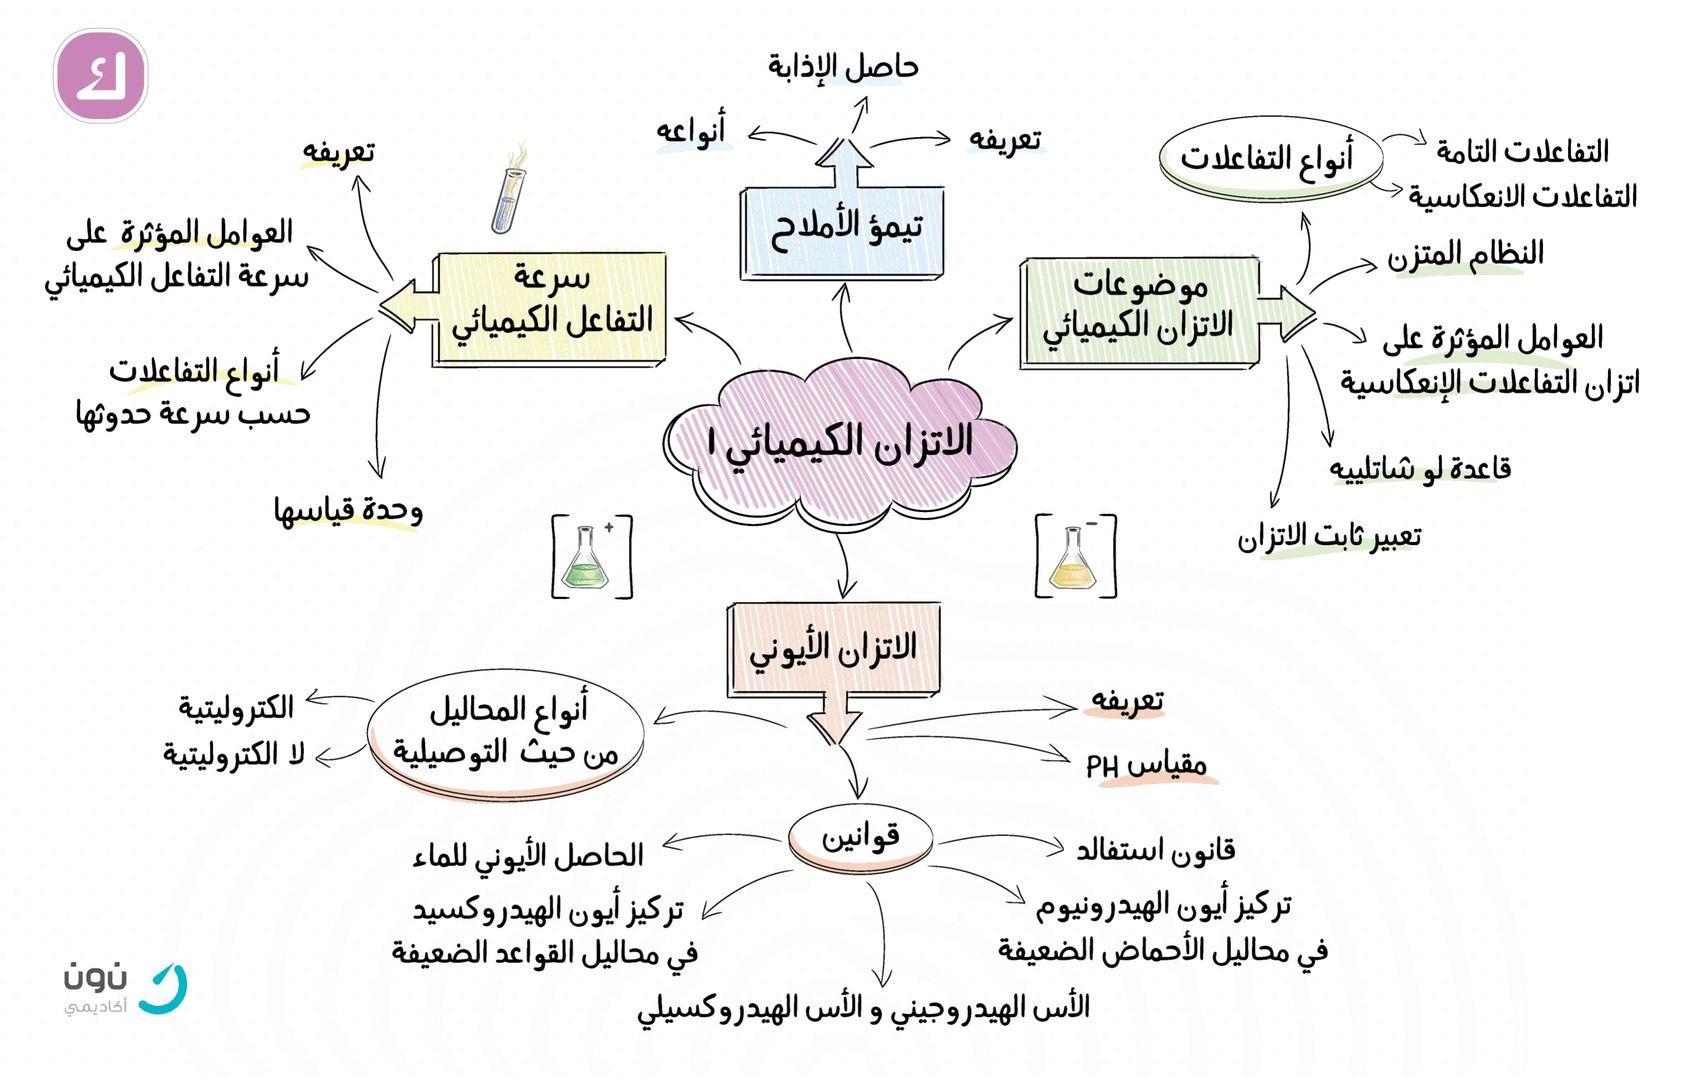 خريطة مفاهيم العوامل المؤثرة في الاتزان الكيميائي